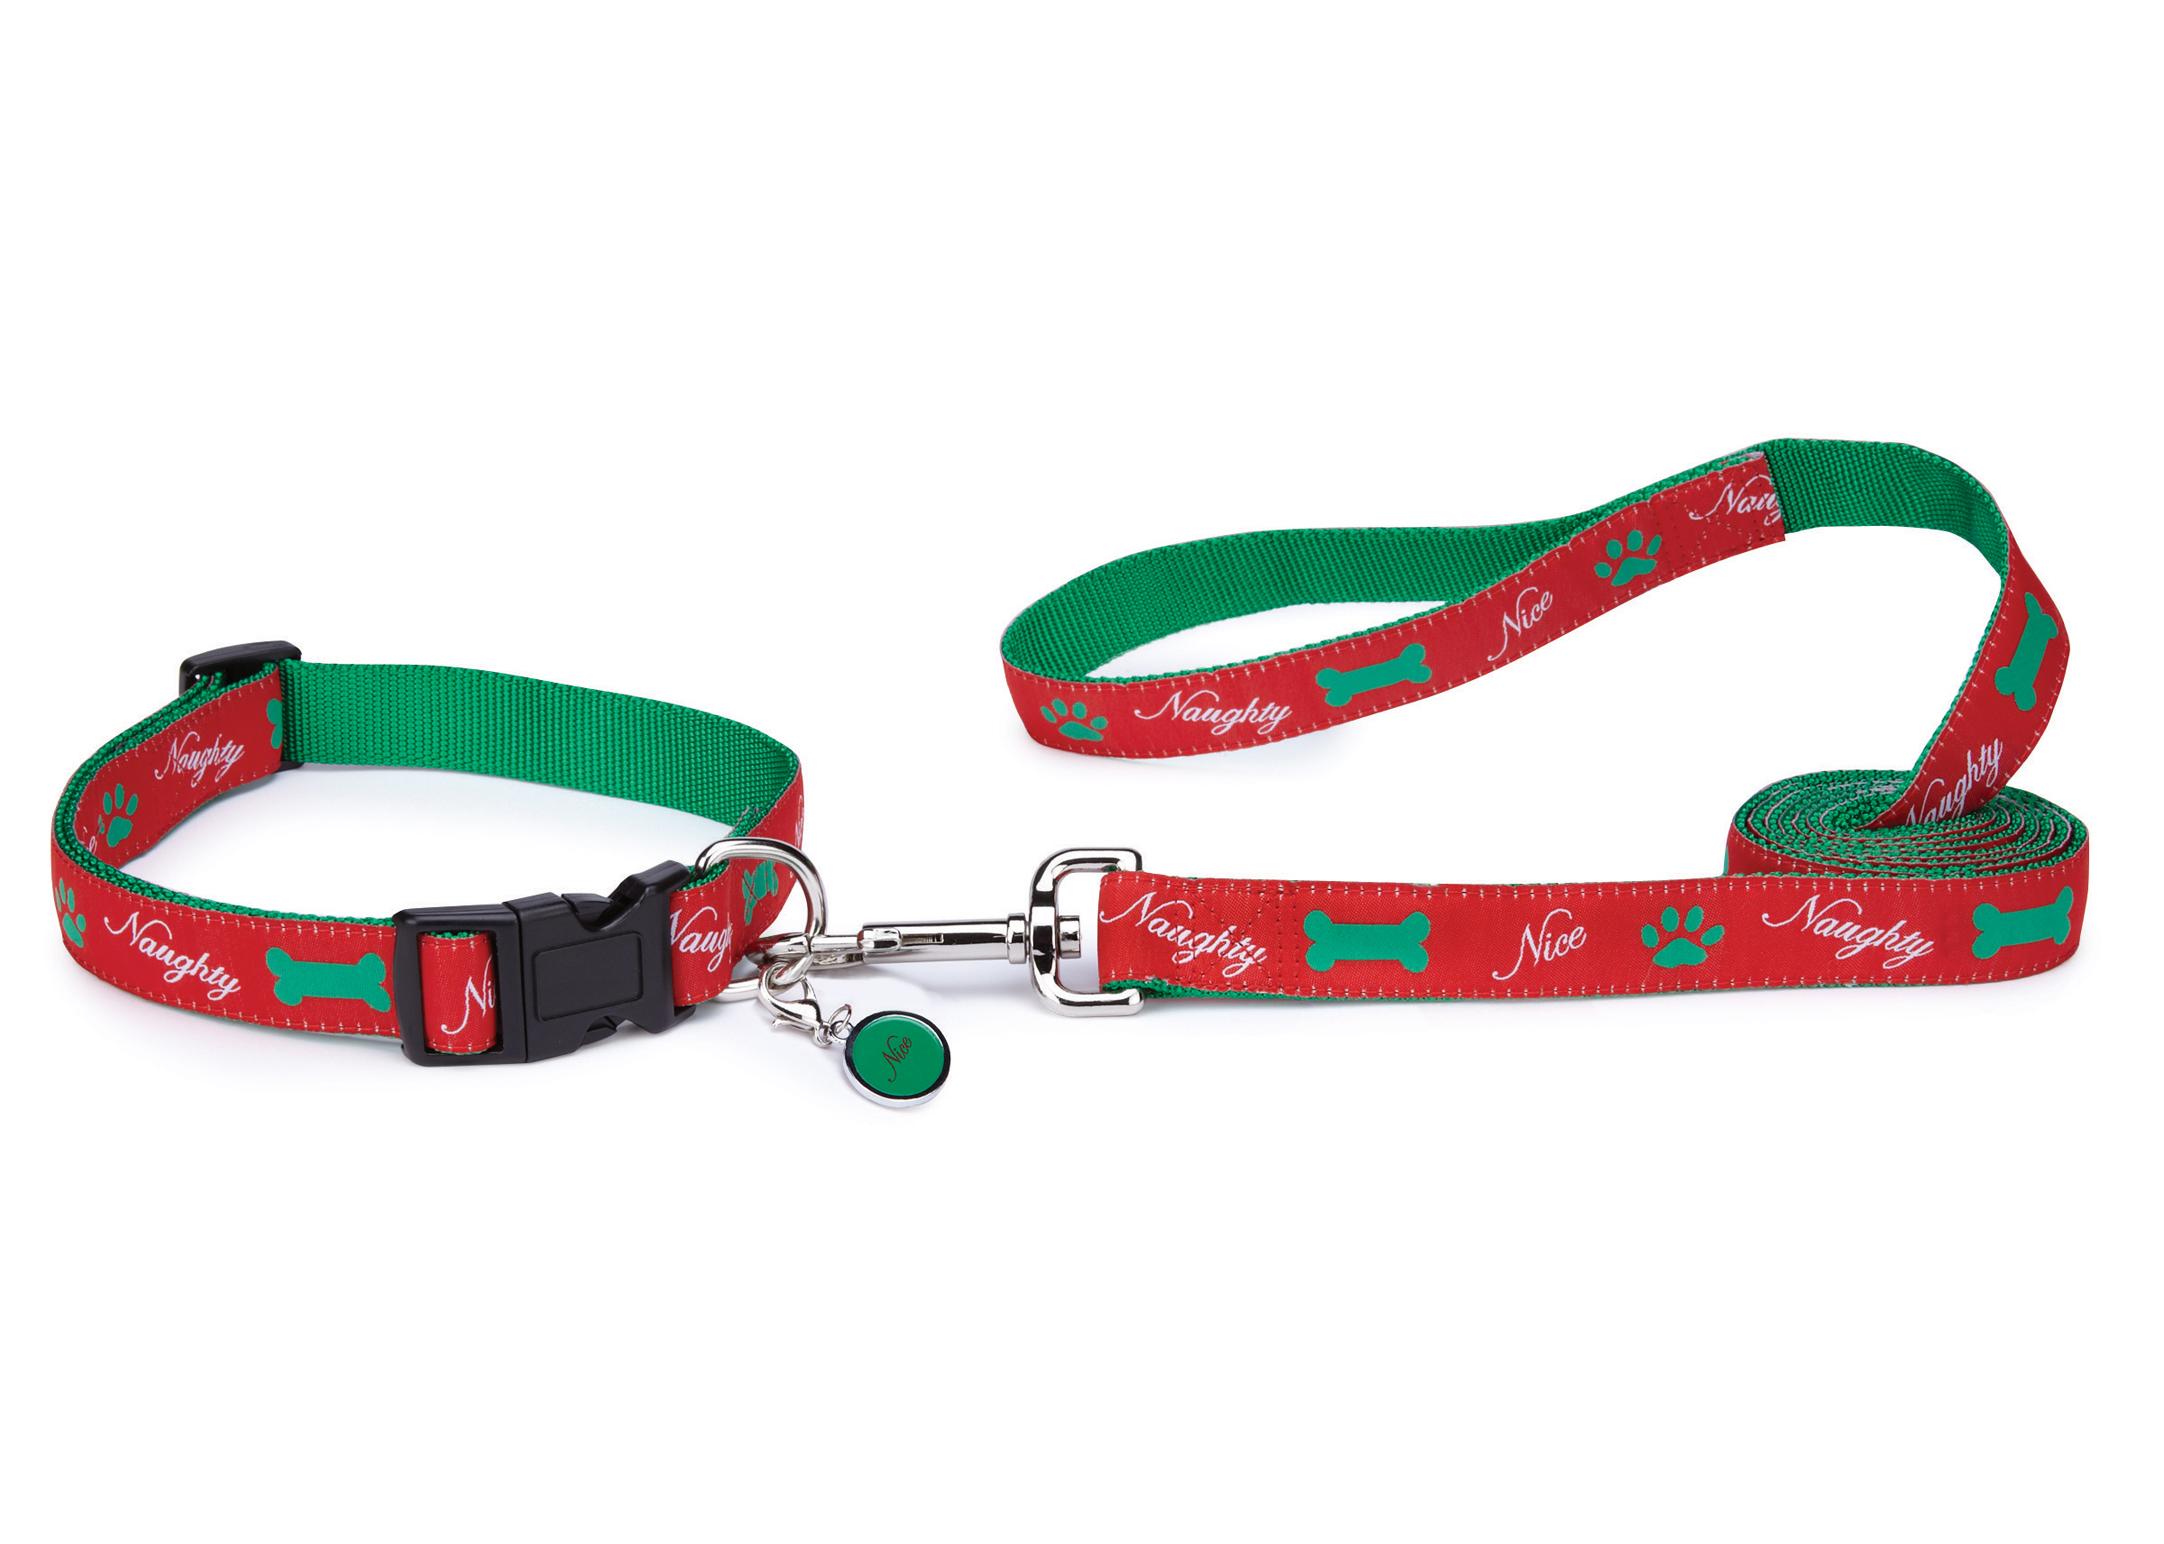 Zack & Zoe Xmas Naughty or Nice Halsband Rood Voor Honden